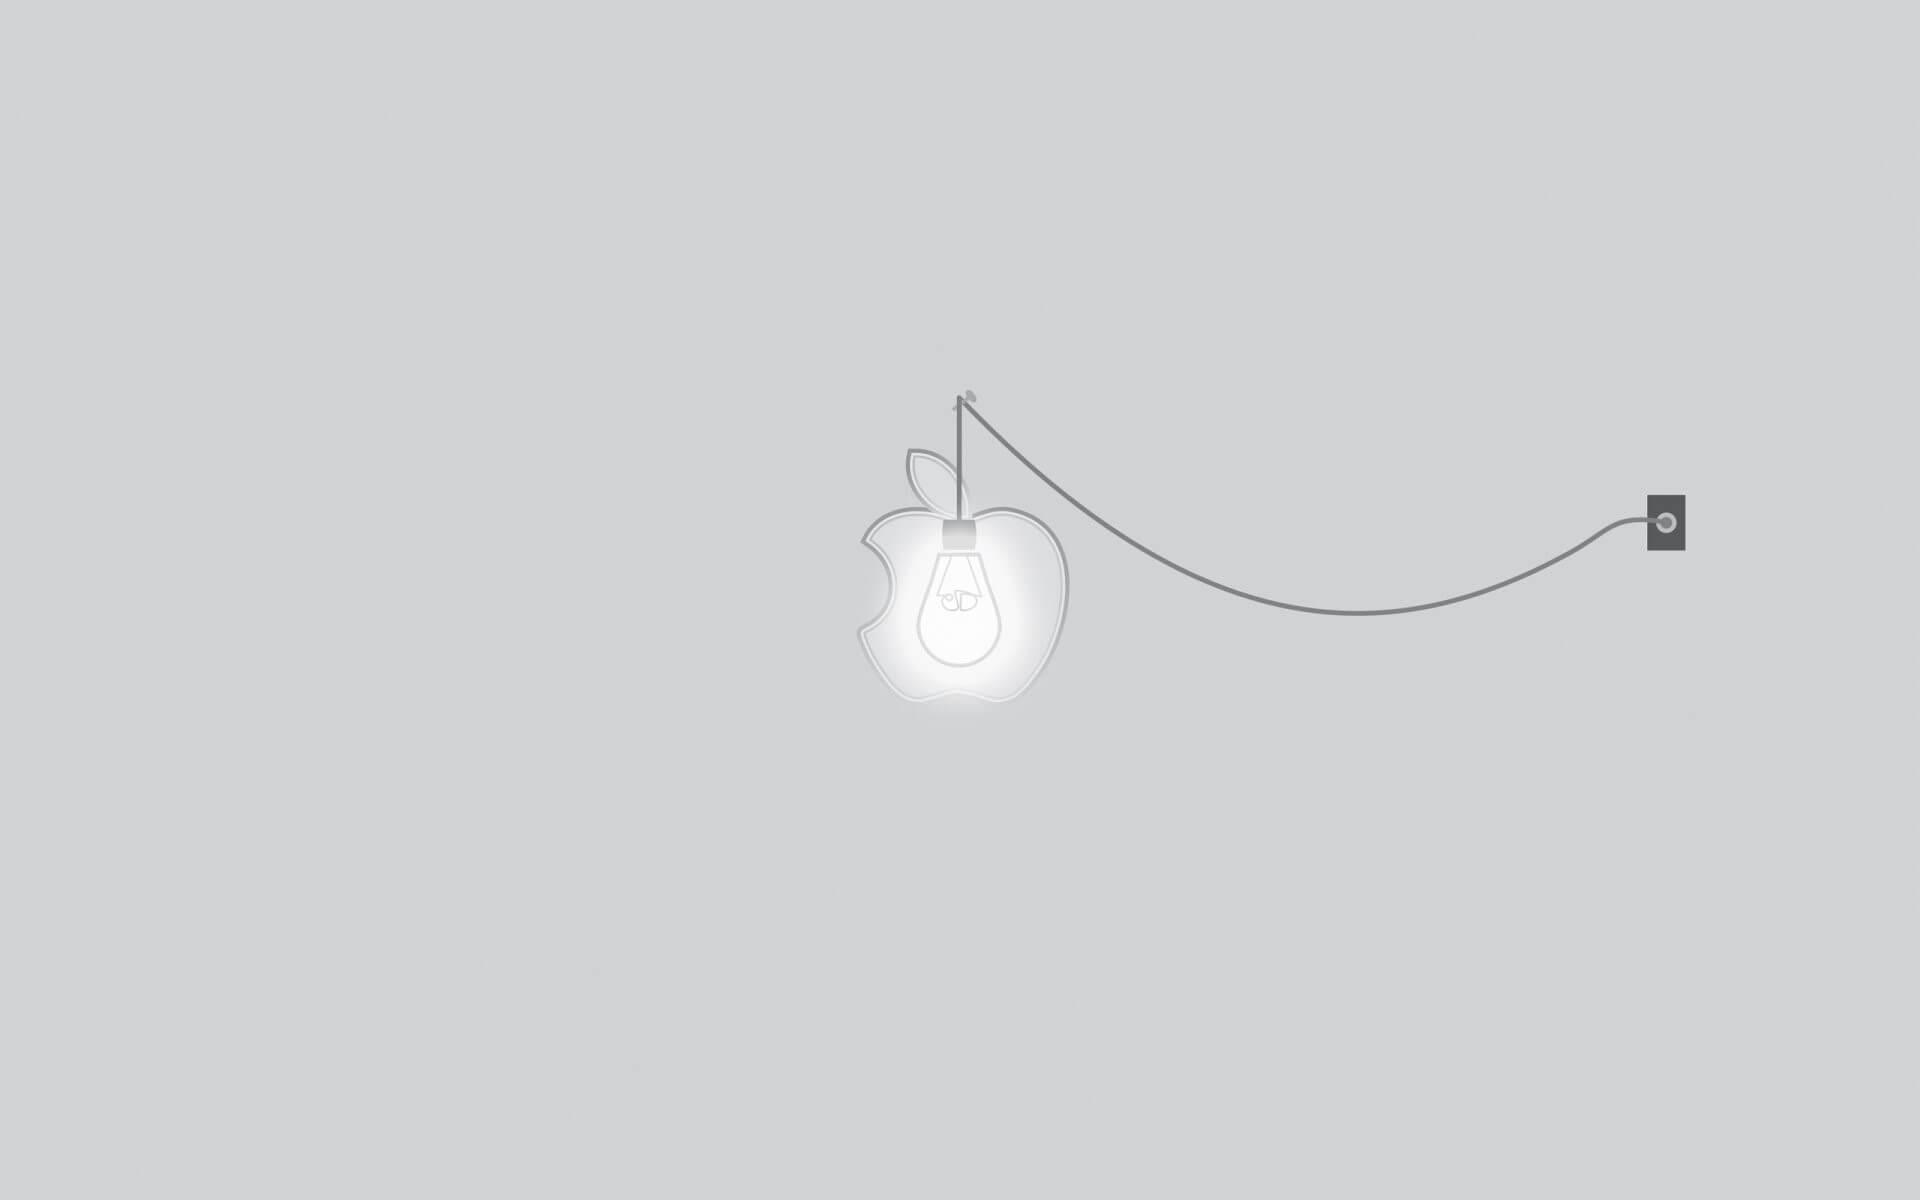 50 hình nền logo và biểu tượng quả táo cắn dở của Apple số 5